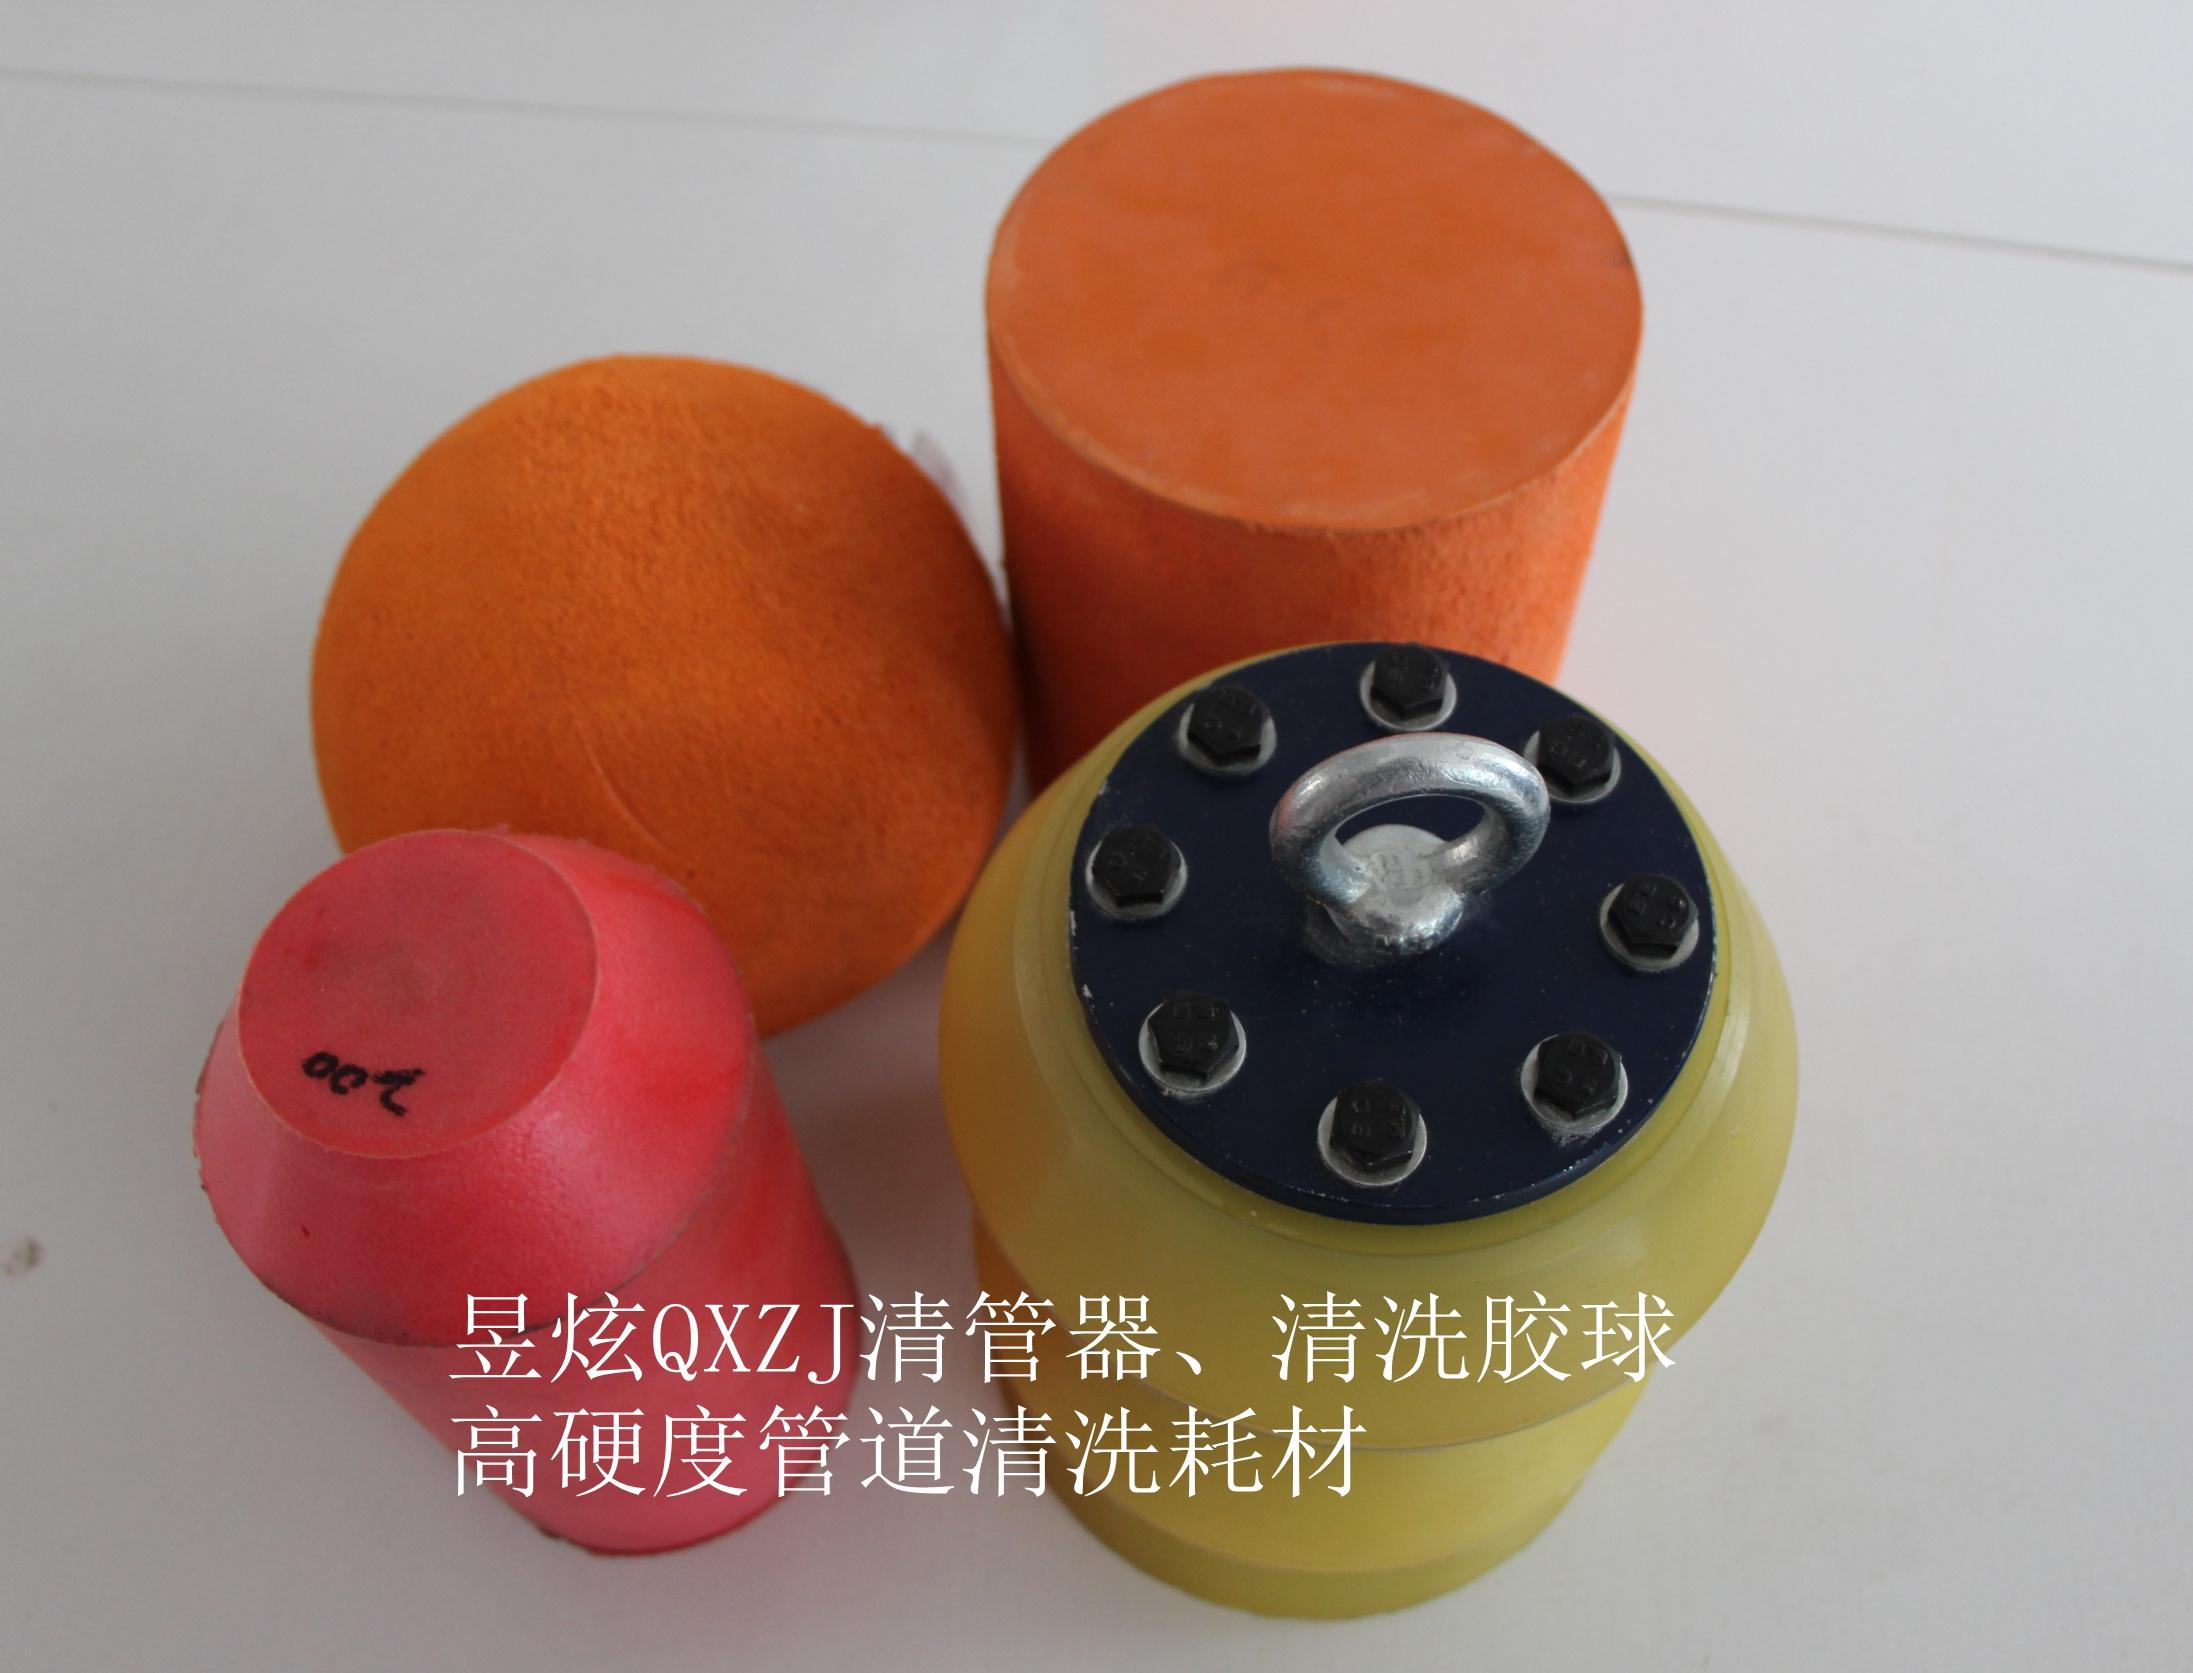 上海昱炫船舶科技发展有限责任公司